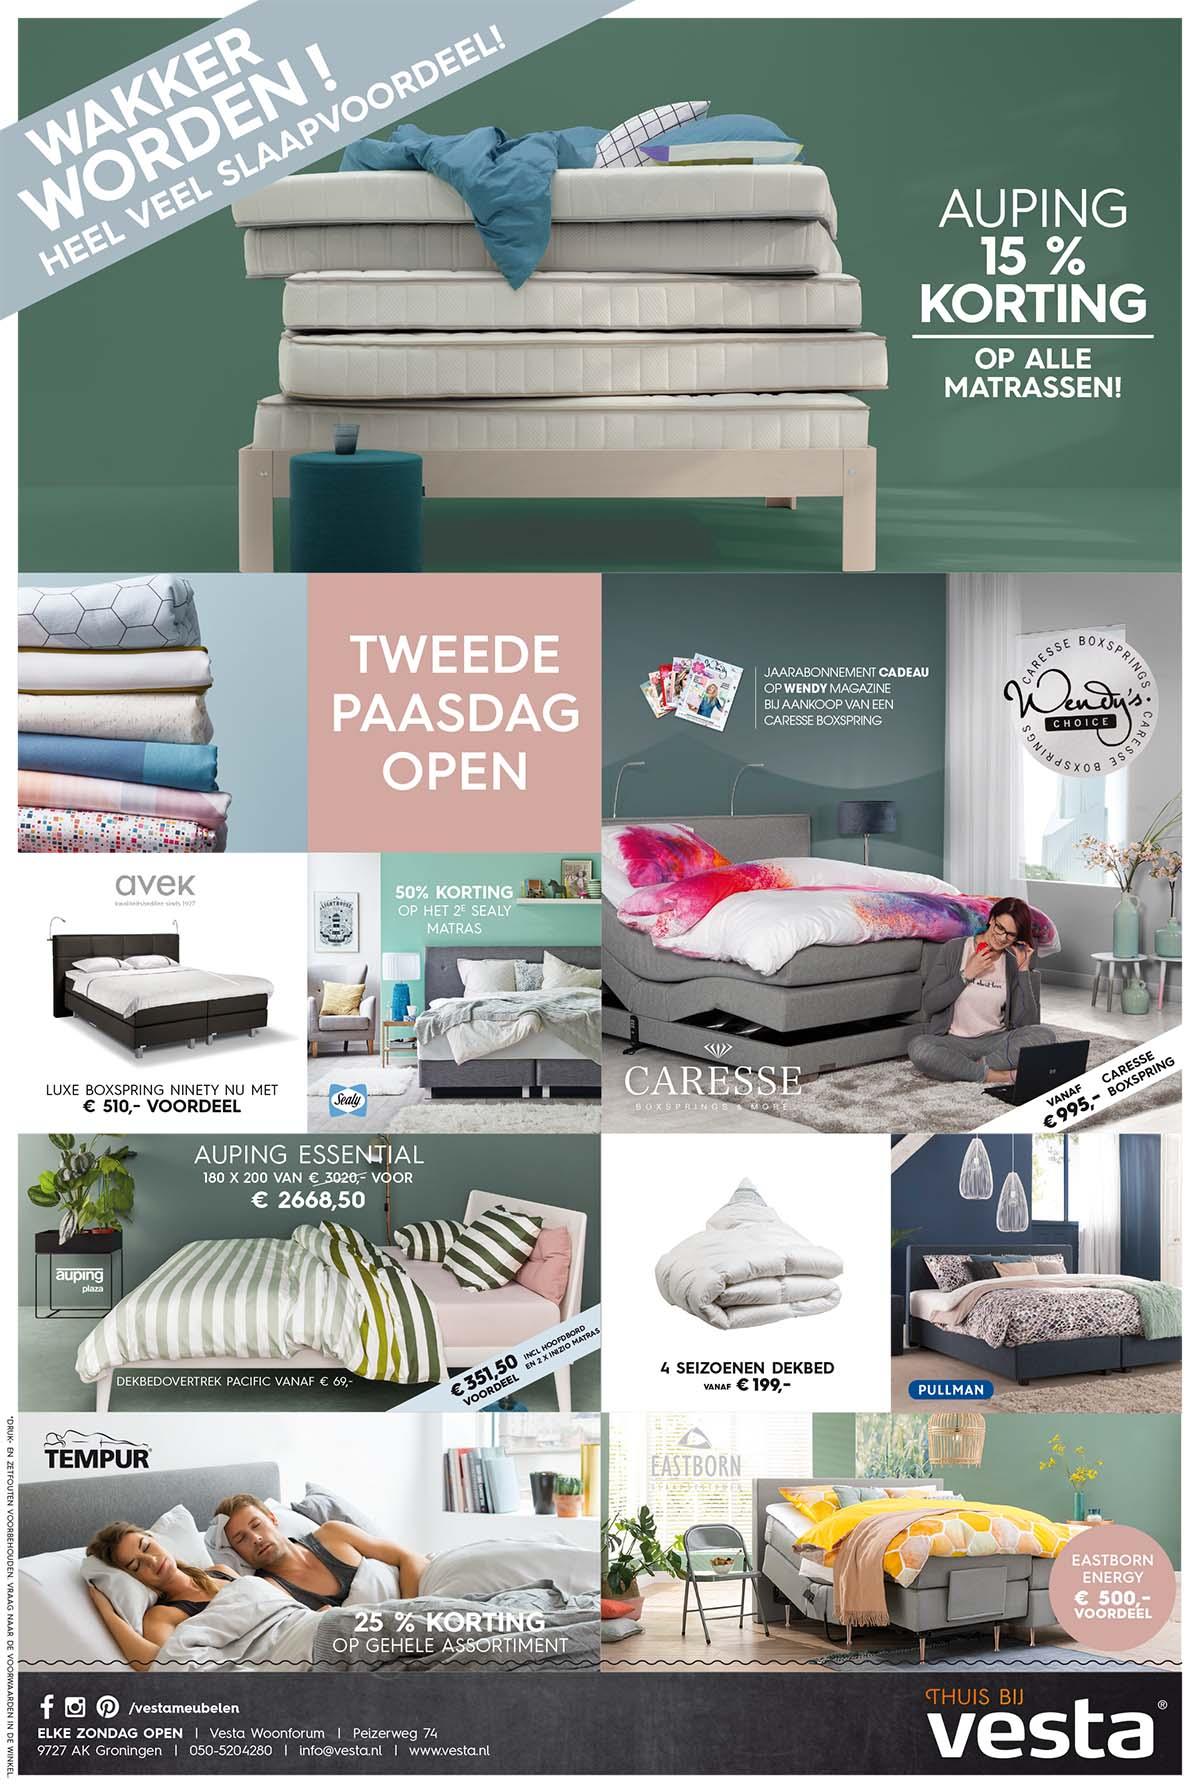 Advertentie ontwerp voor Vesta Groningen | Schriever design en concept